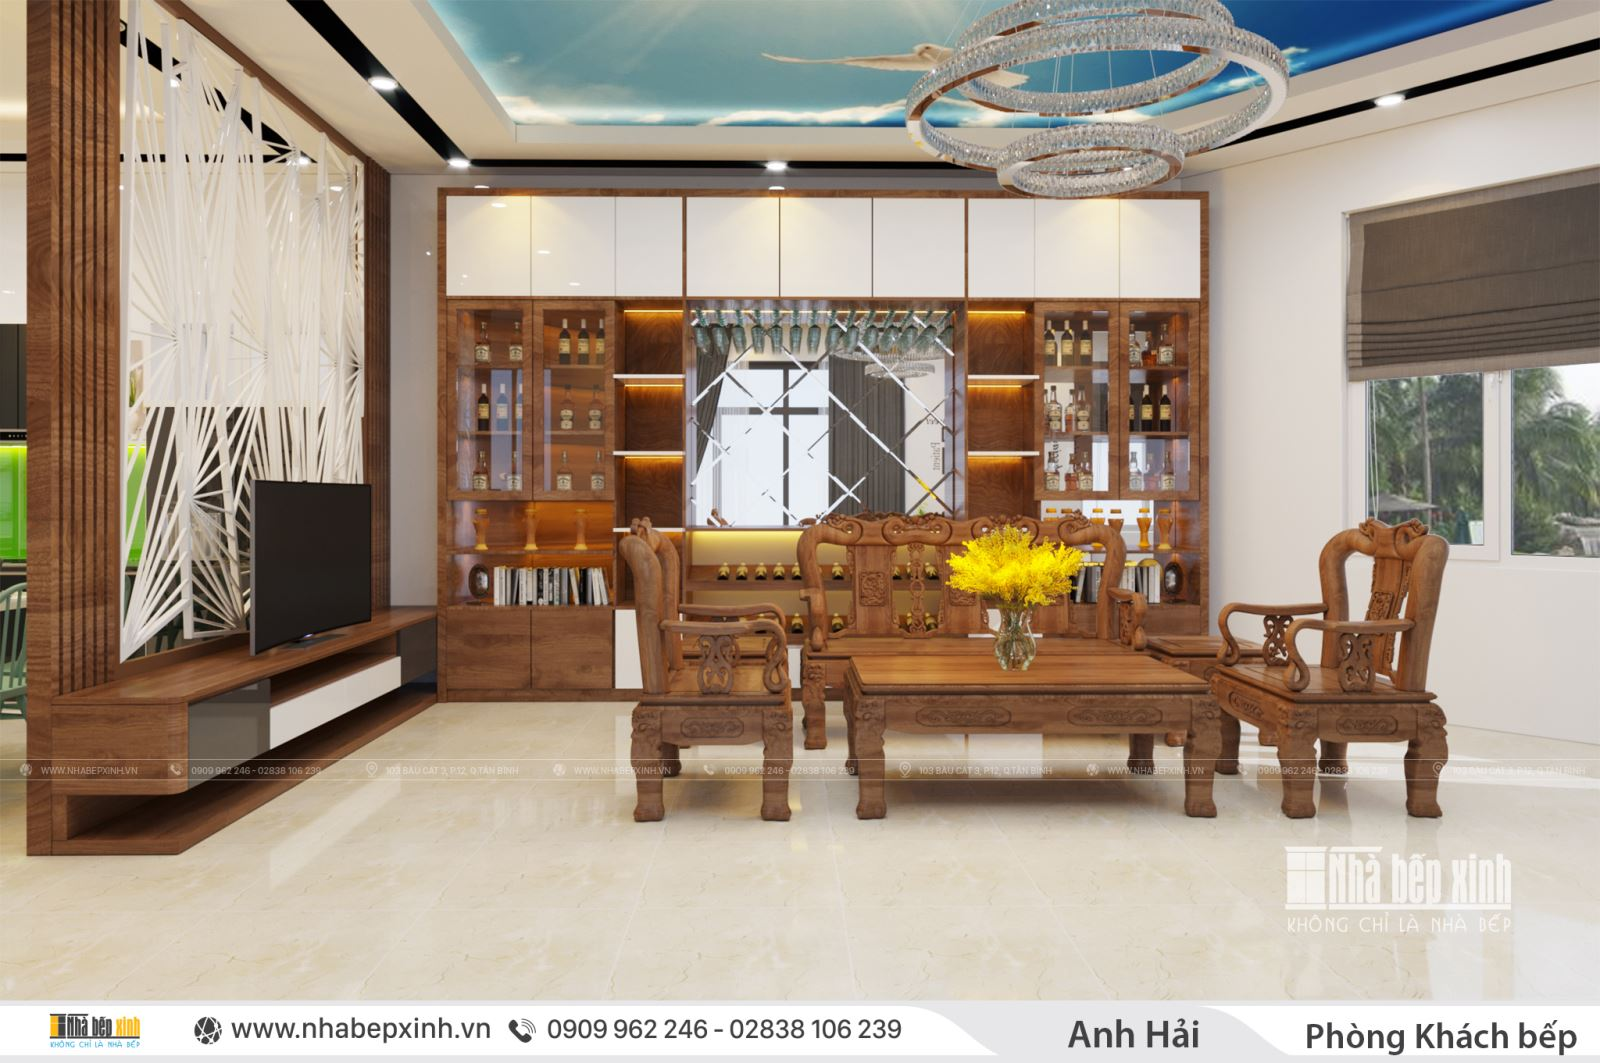 Thiết kế nội thất nguyên căn theo xu hướng hiện đại